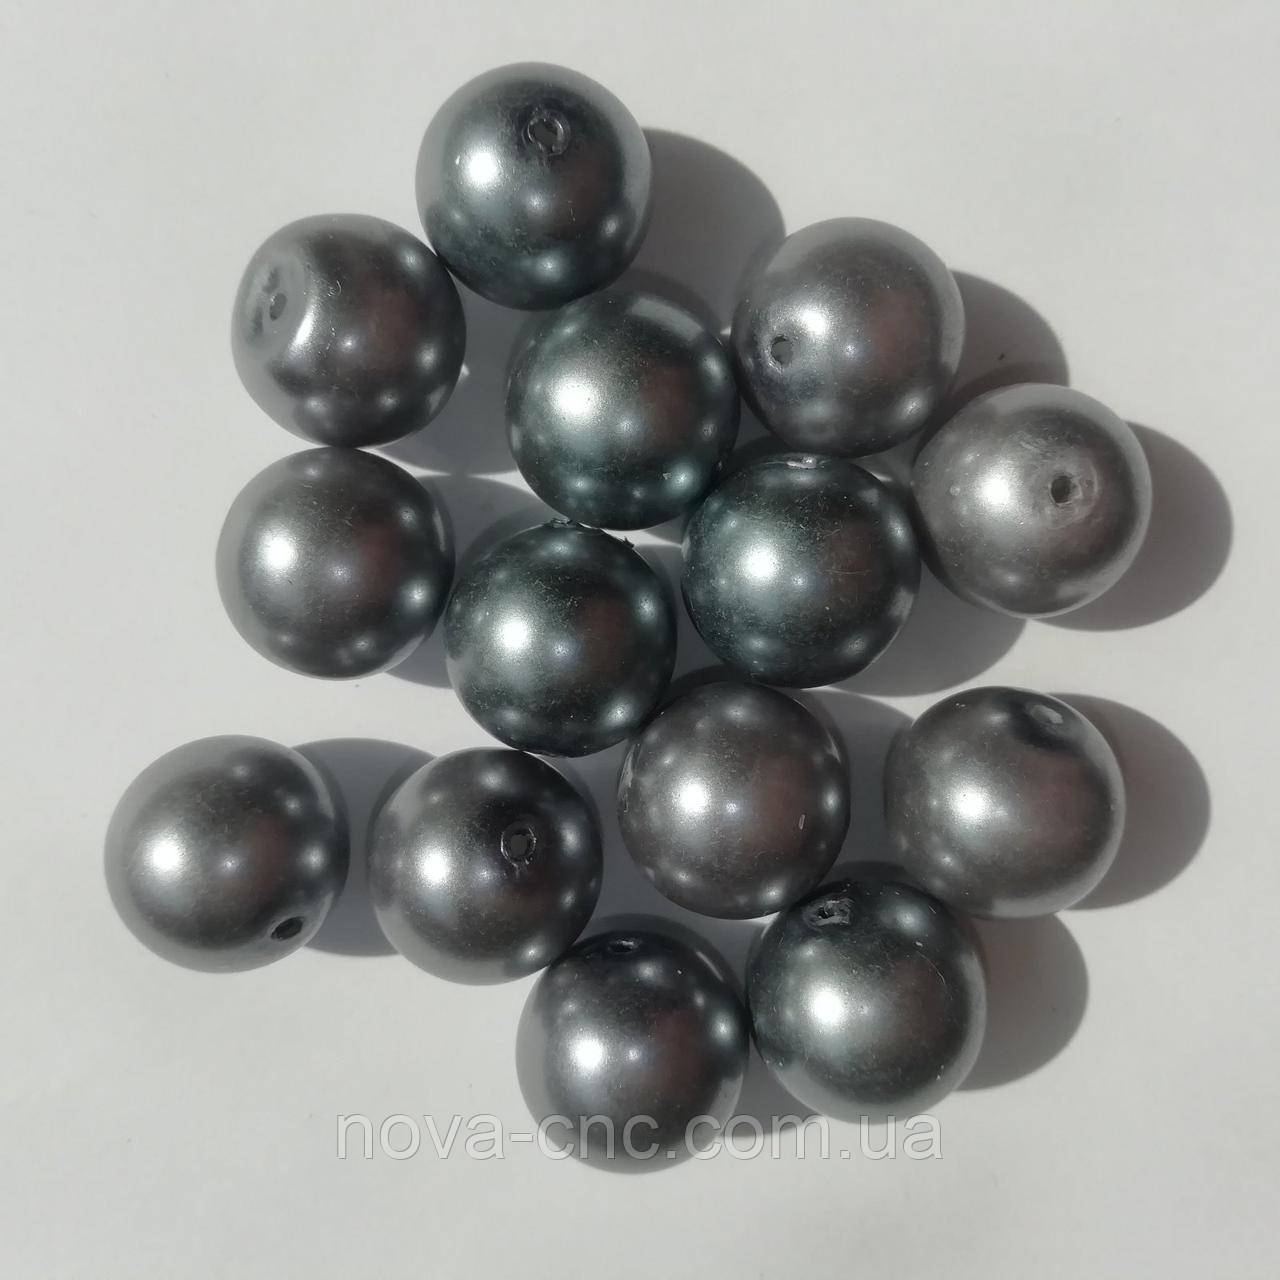 Бусины керамические диаметр 14 мм Цвет серый 500 грамм